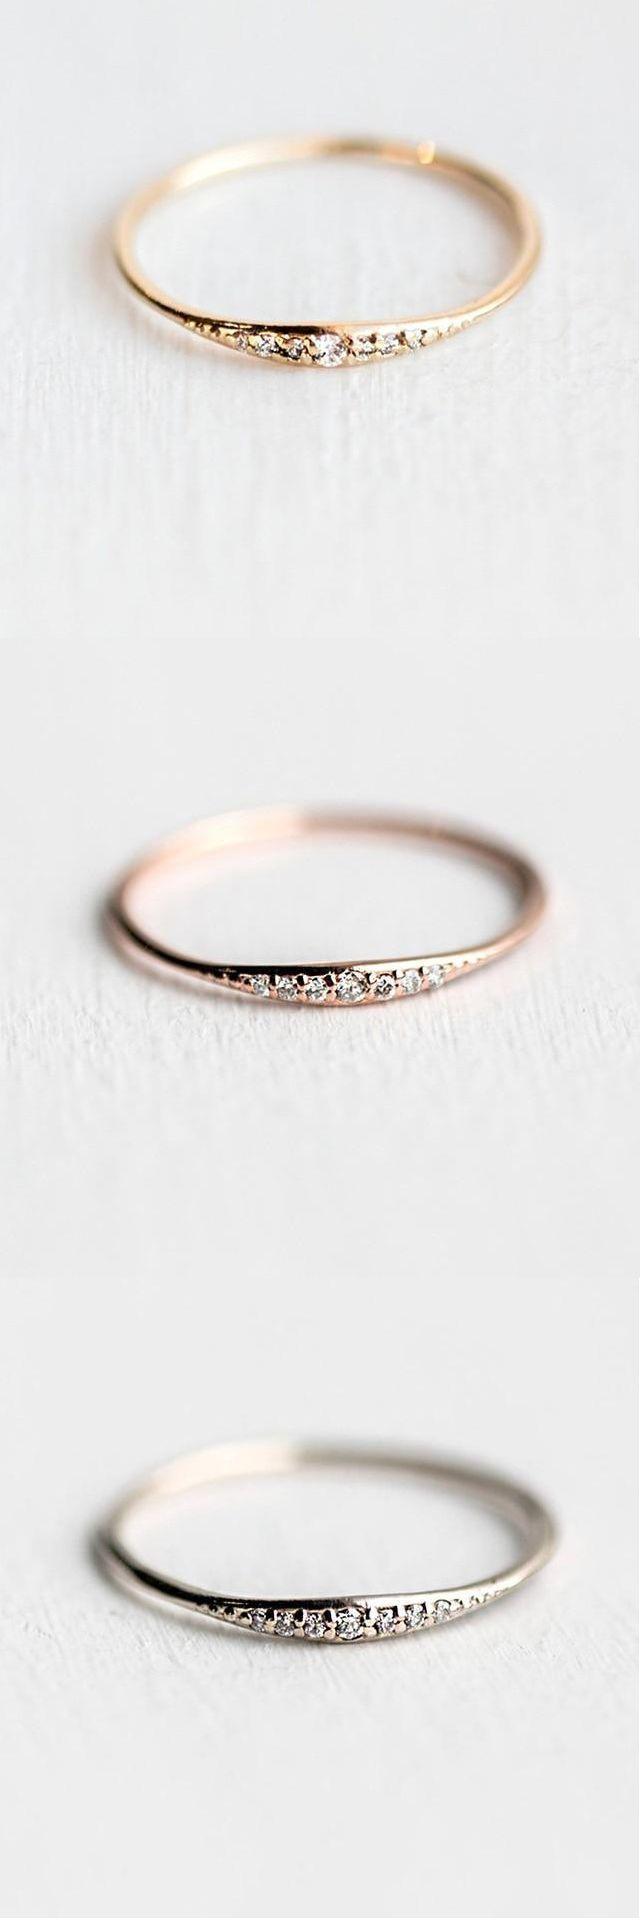 Du brauchst diesen niedlichen Kristallring! #schmuck #ringe #geschenke #hochzeit